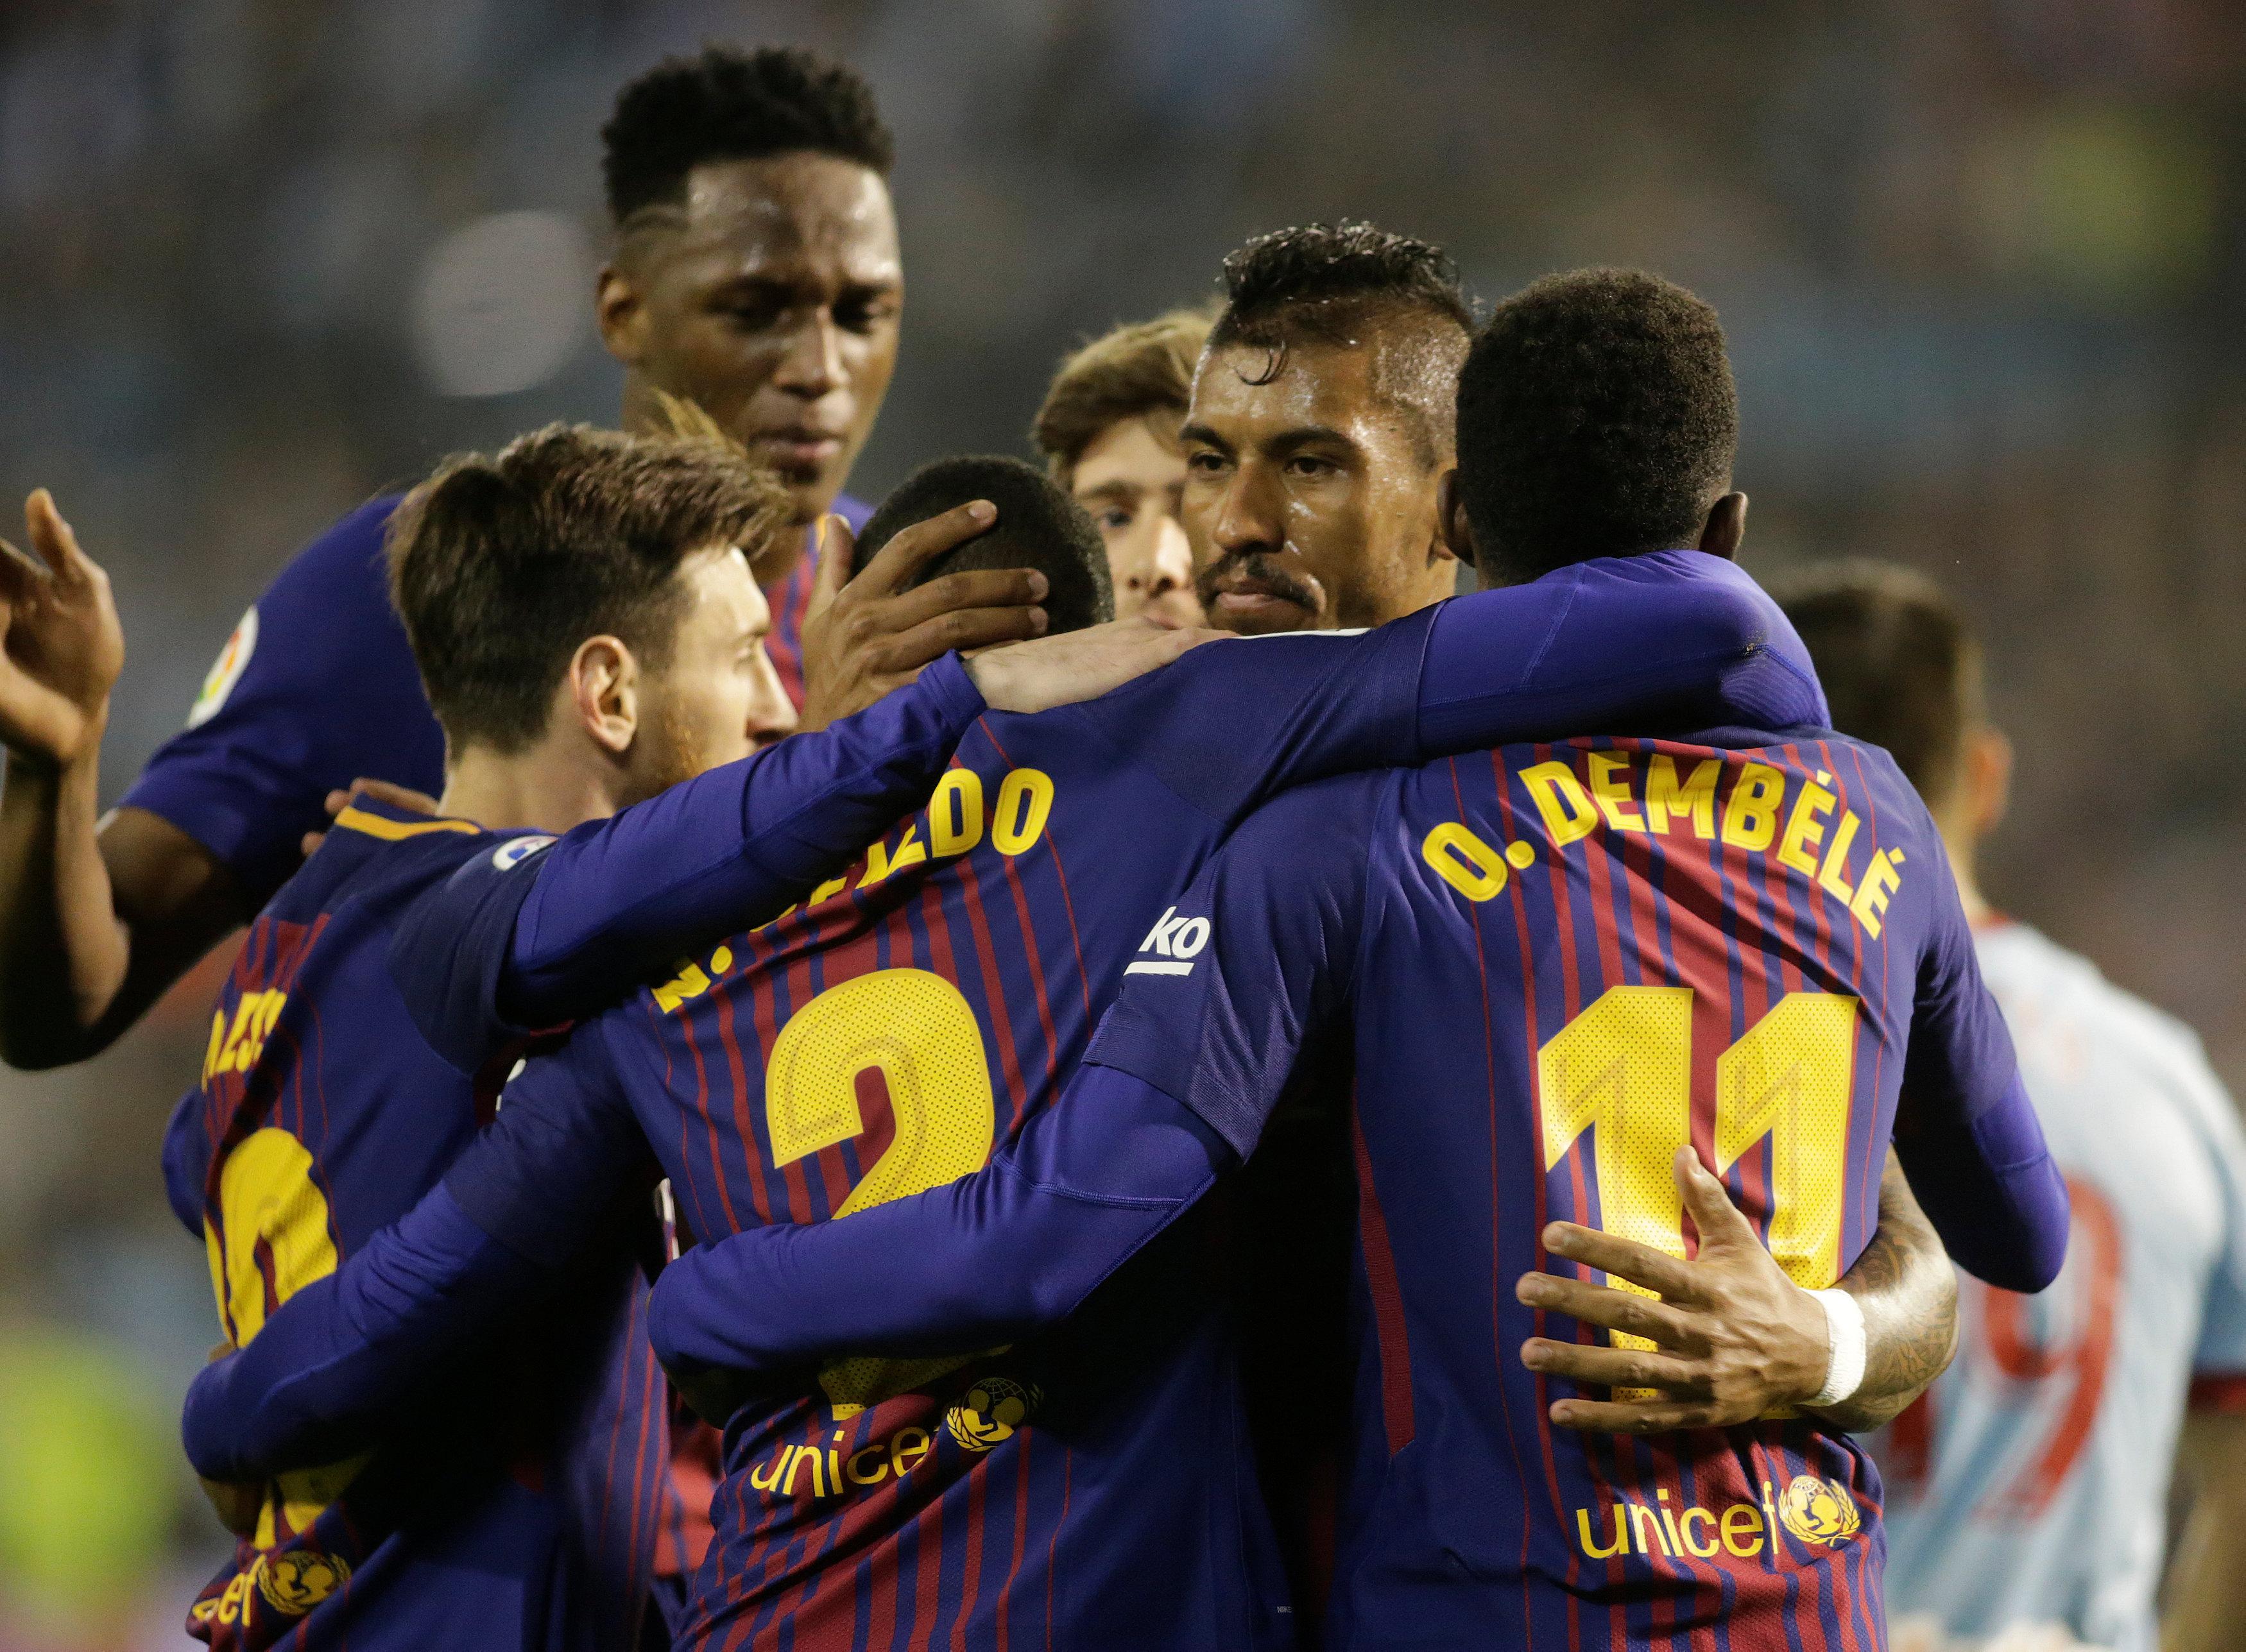 Niềm vui của các cầu thủ Barca sau khi nâng tỉ số lên 2-1. Ảnh: REUTERS